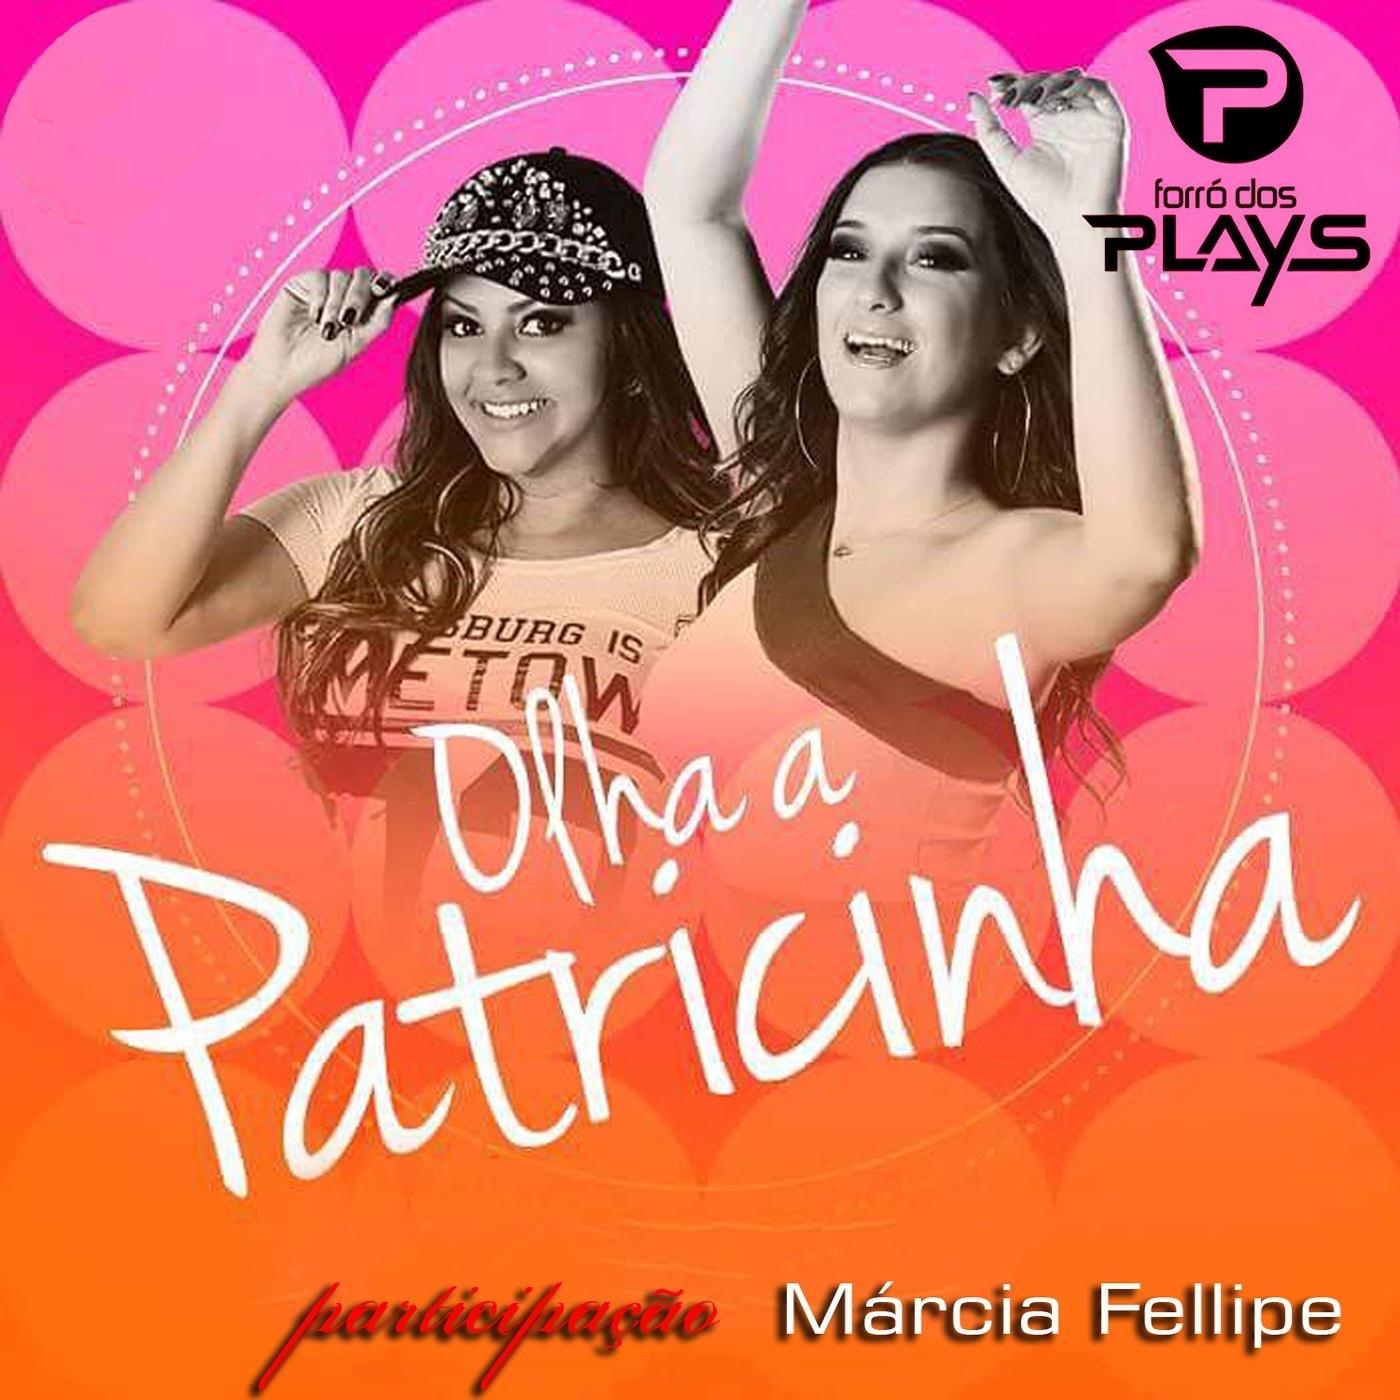 Olha a Patricinha (feat. Marcia Fellipe) - Single